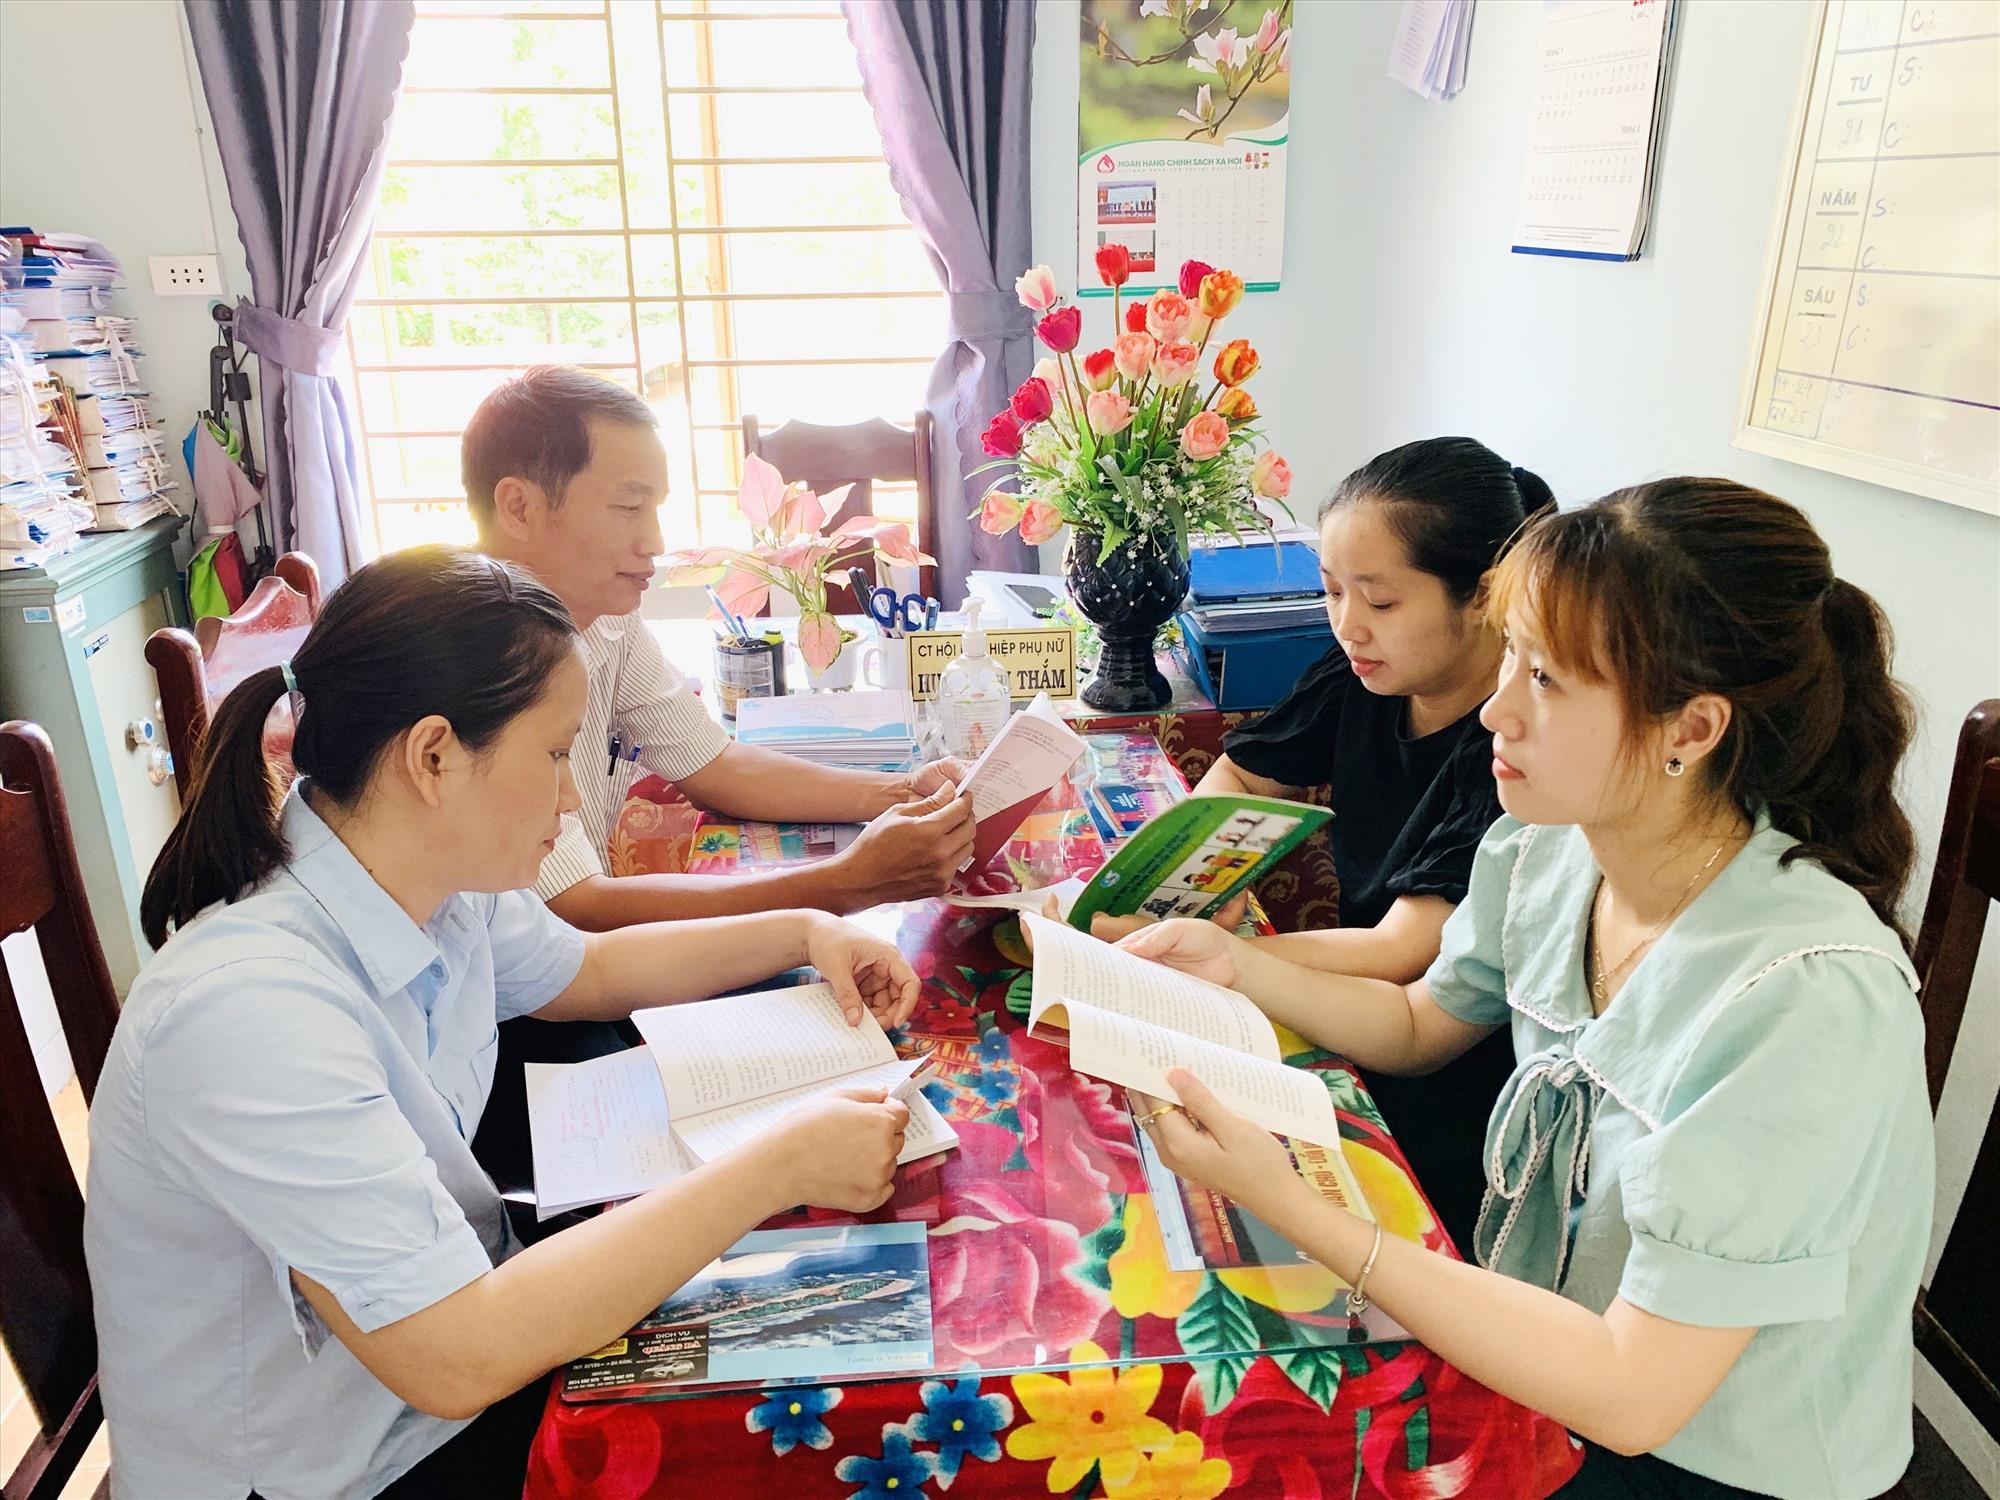 Cán bộ, đảng viên xã Duy Phước tìm hiểu những mẩu chuyện về Bác Hồ (ảnh chụp đầu tháng 4.2021). Ảnh: T.L